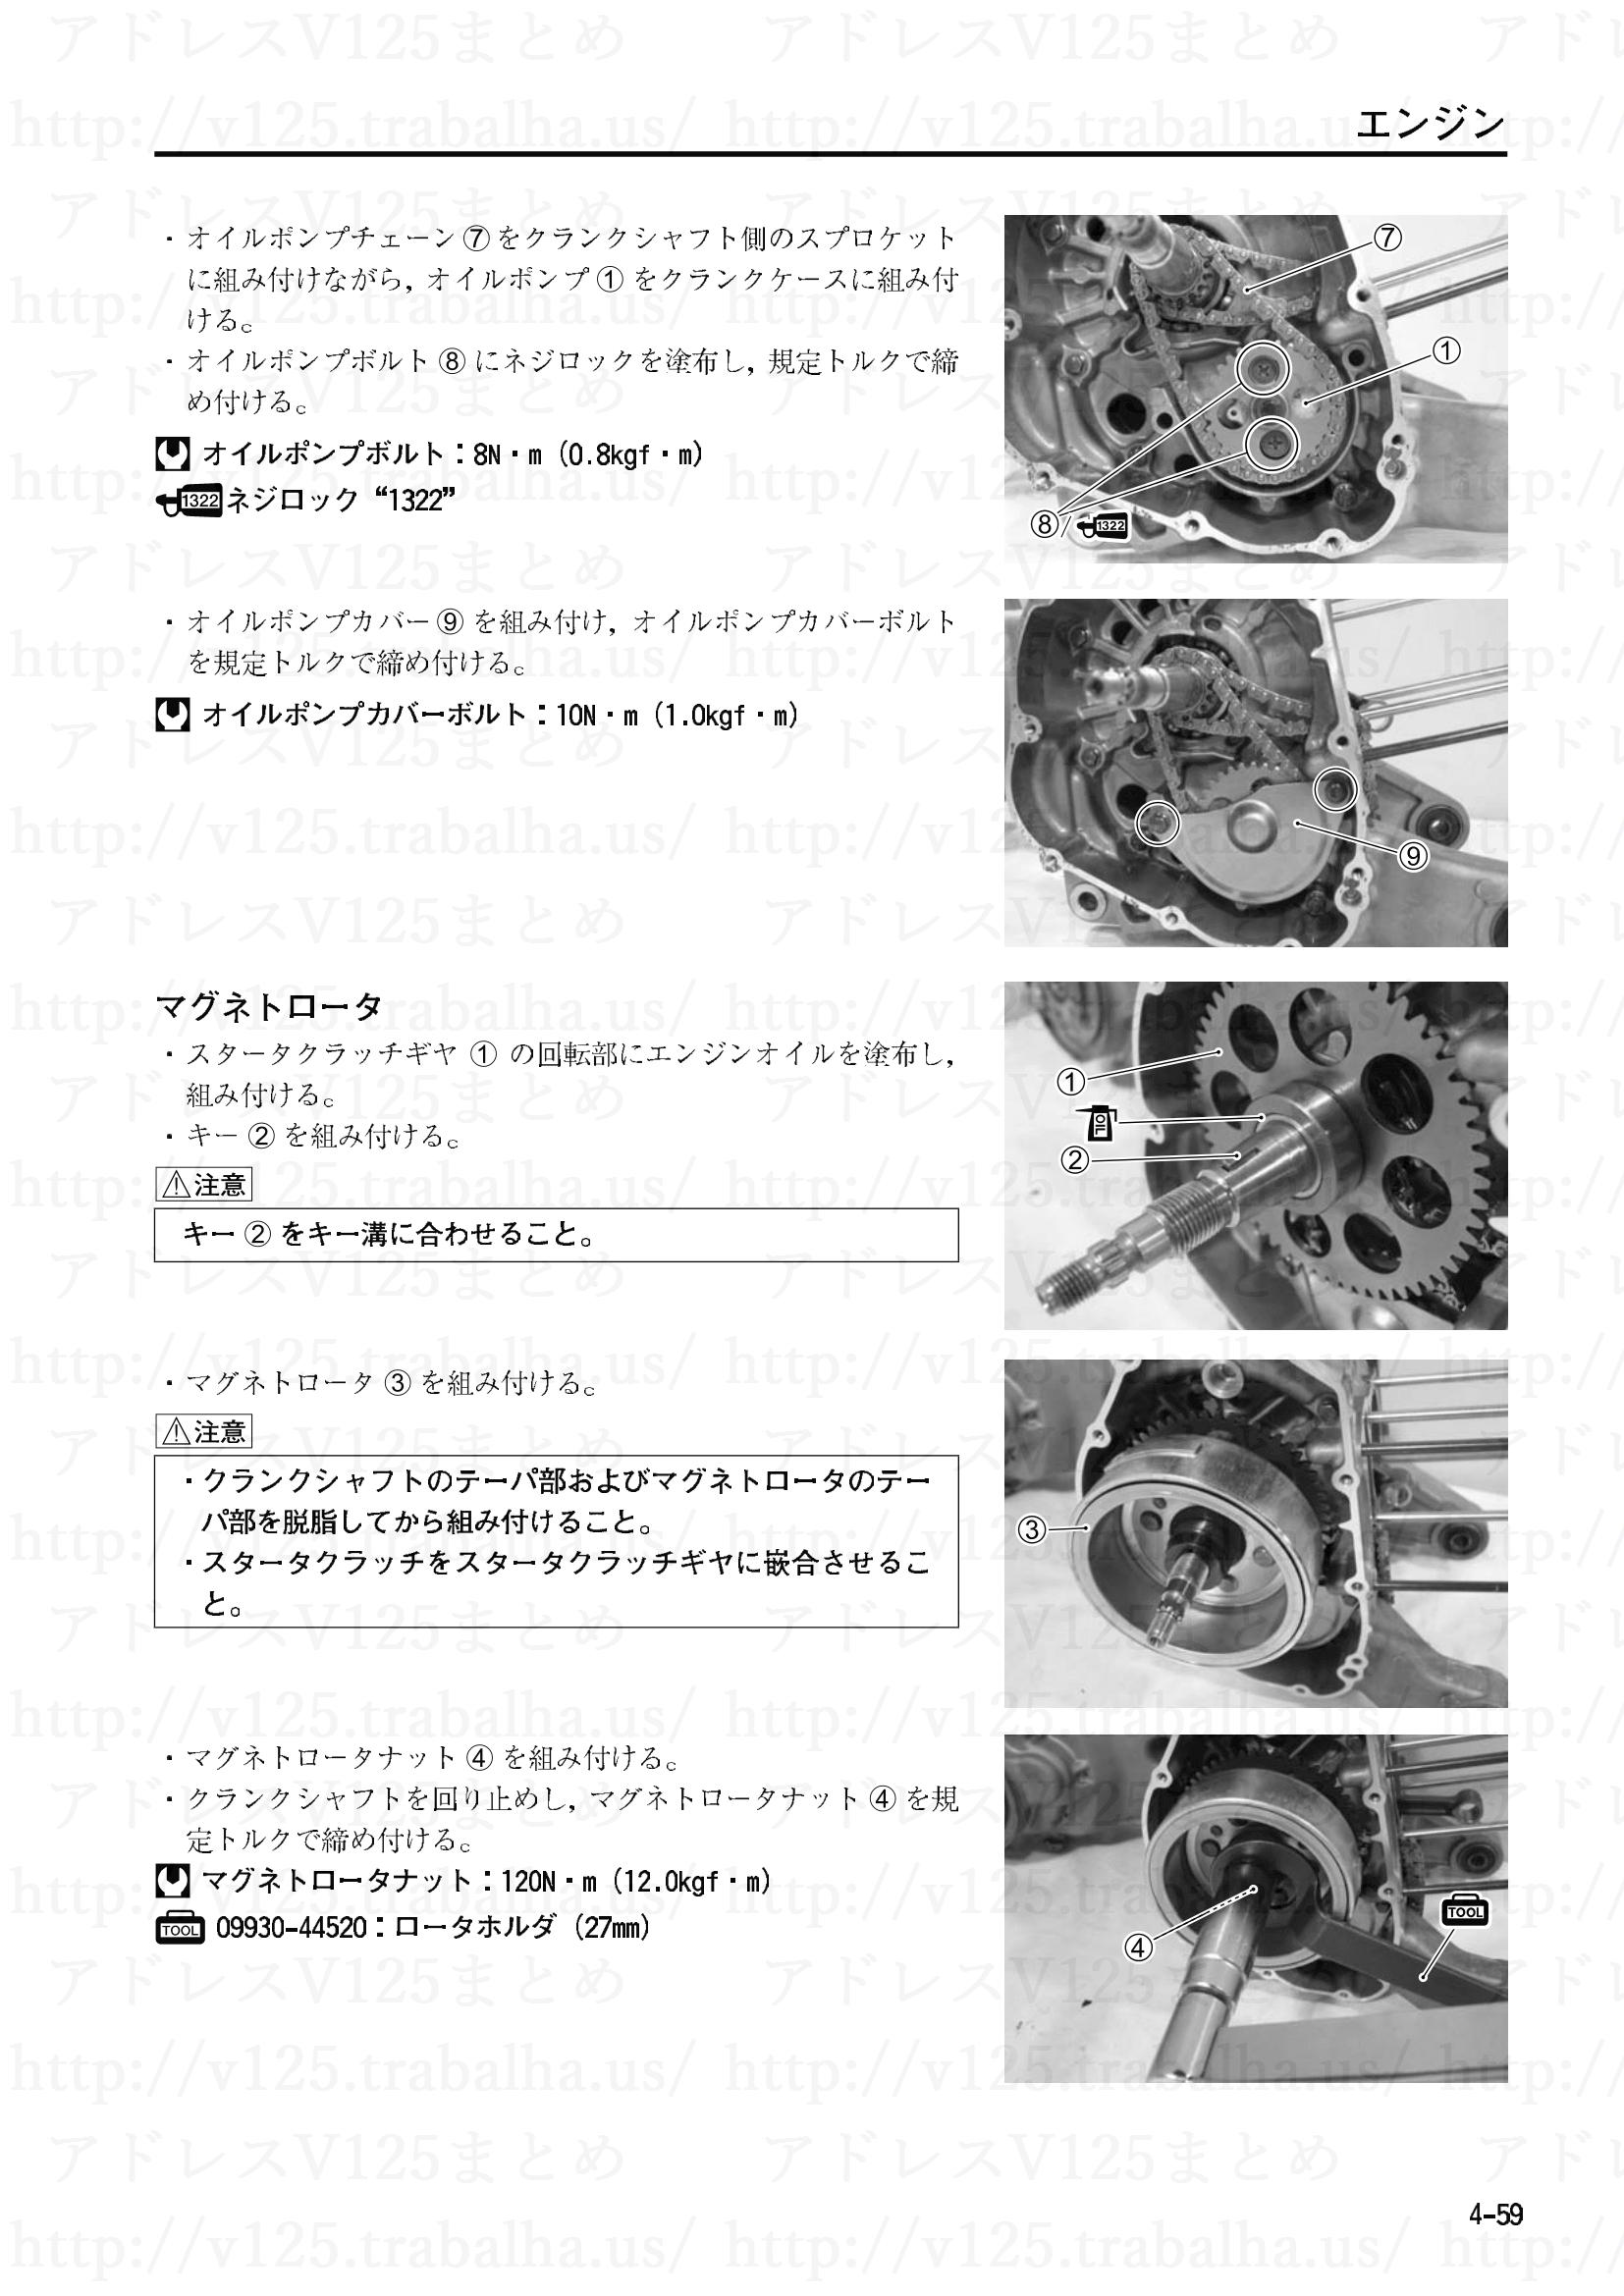 4-59【エンジン】エンジンの組立て3